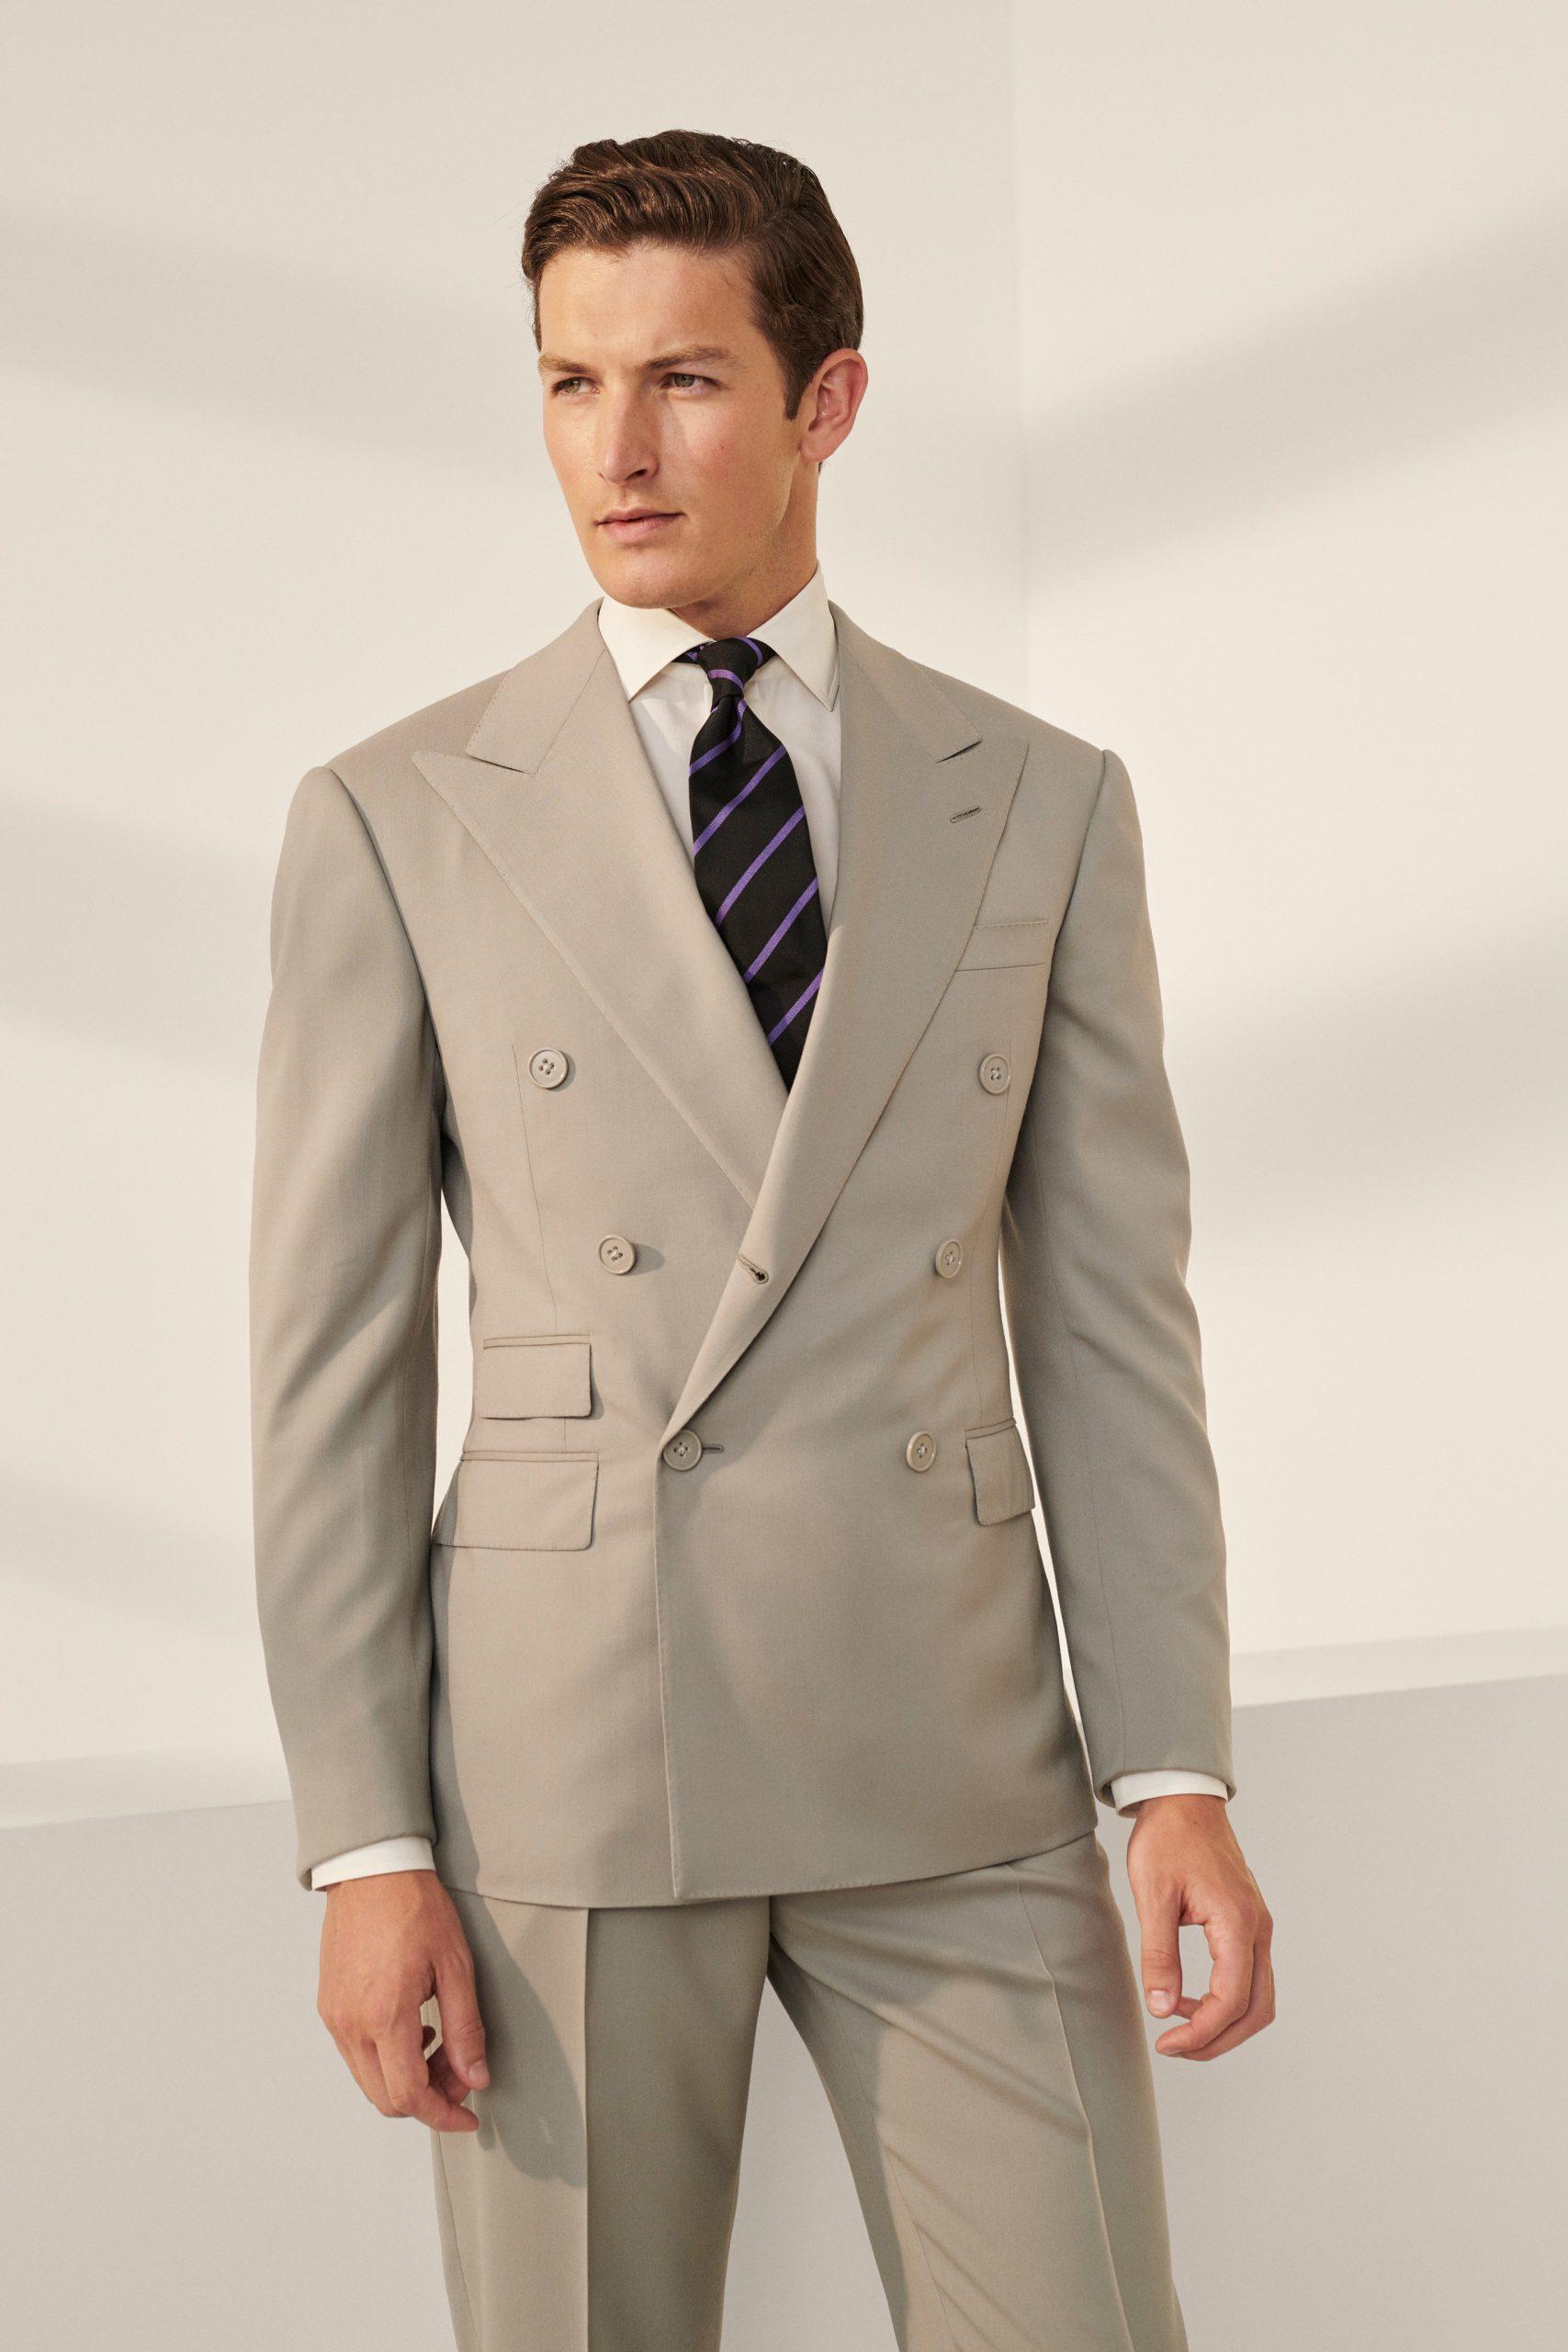 مدل کت و شلوار شیک مناسب عید 99 با کرااوات آبی